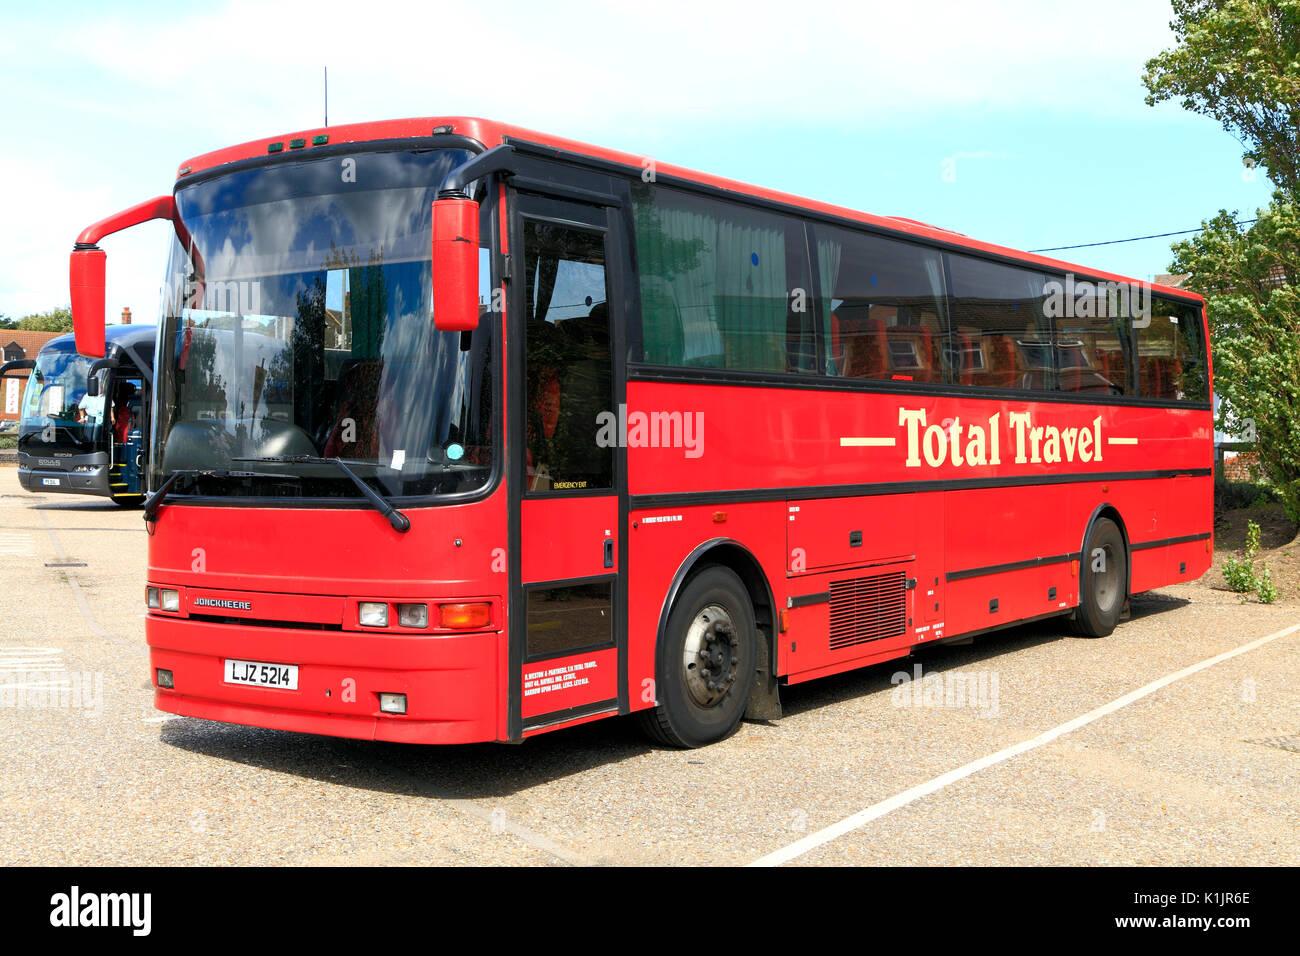 Total des frais de déplacement, l'entraîneur, des entraîneurs, des excursions d'un jour, voyage, excursion, excursions, entreprise, entreprises, England, UK. Photo Stock